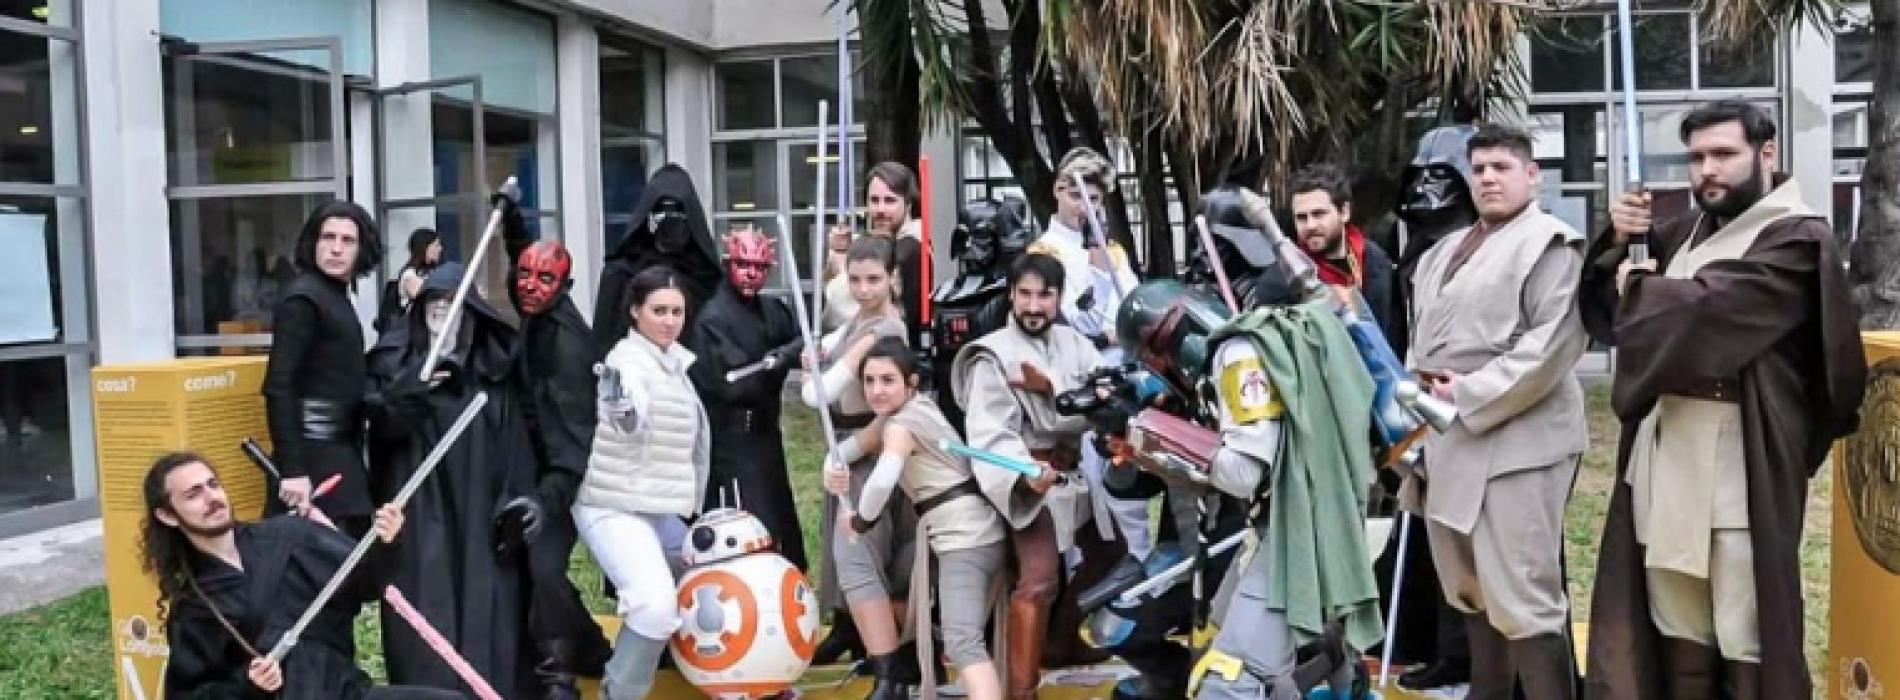 Non si fermano gli eroi di Star Wars, è ancora mostra al Mann